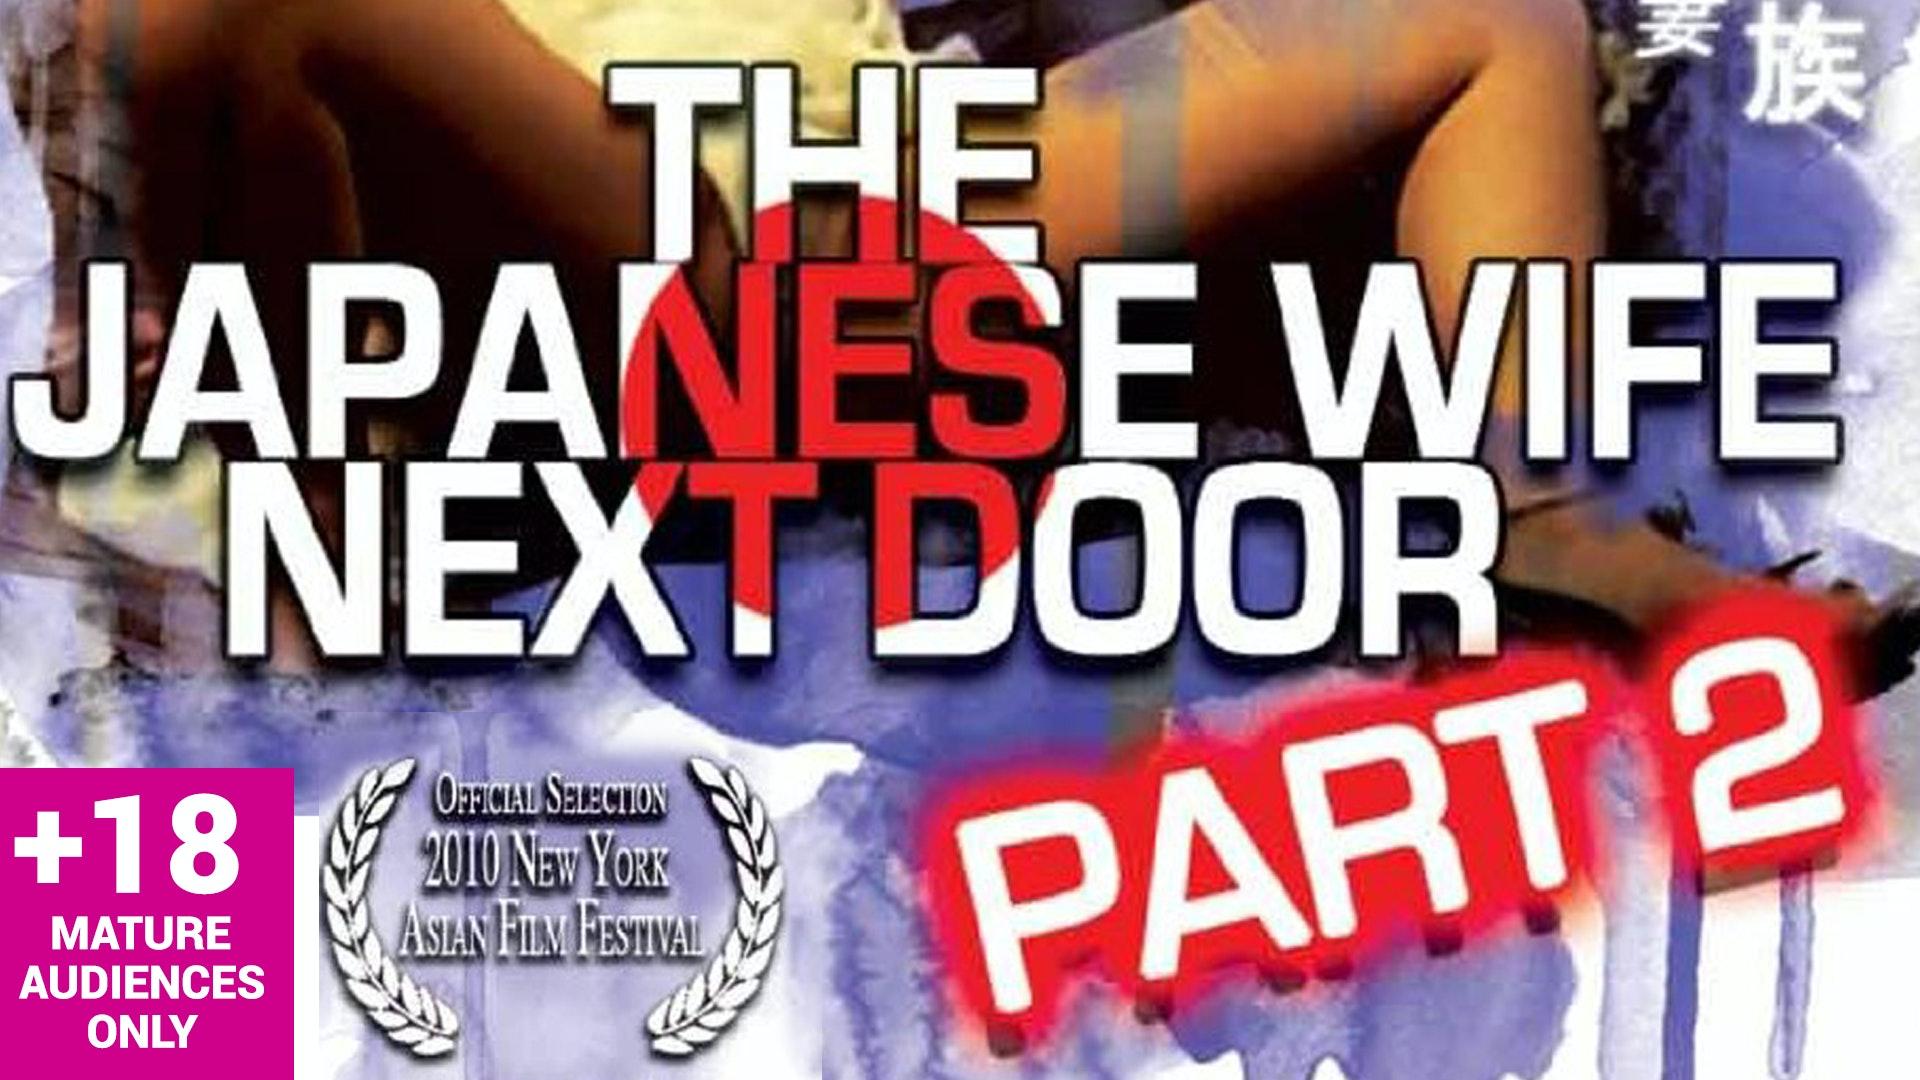 Japanese Wife Next Door 2